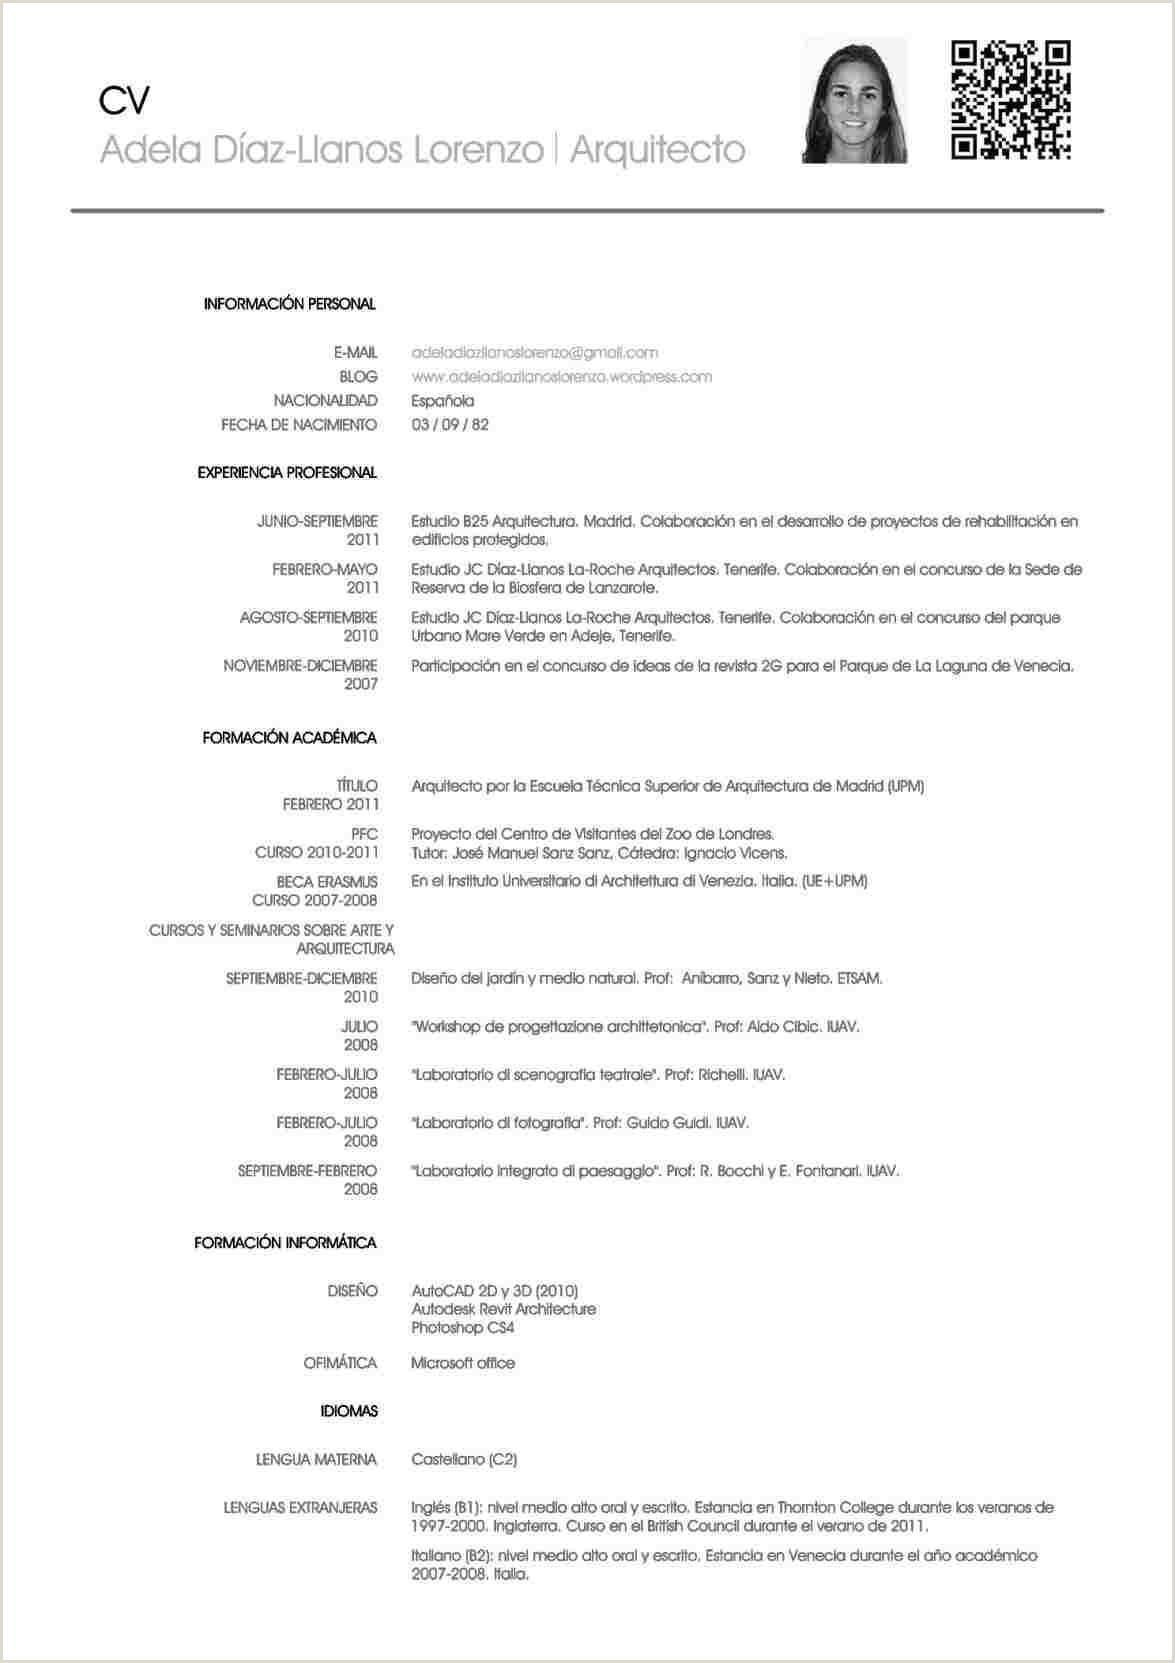 Formato De Curriculum Vitae Para Rellenar En Español Descargar Plantillas Para Curriculum Vitae Gratis En Espa±ol